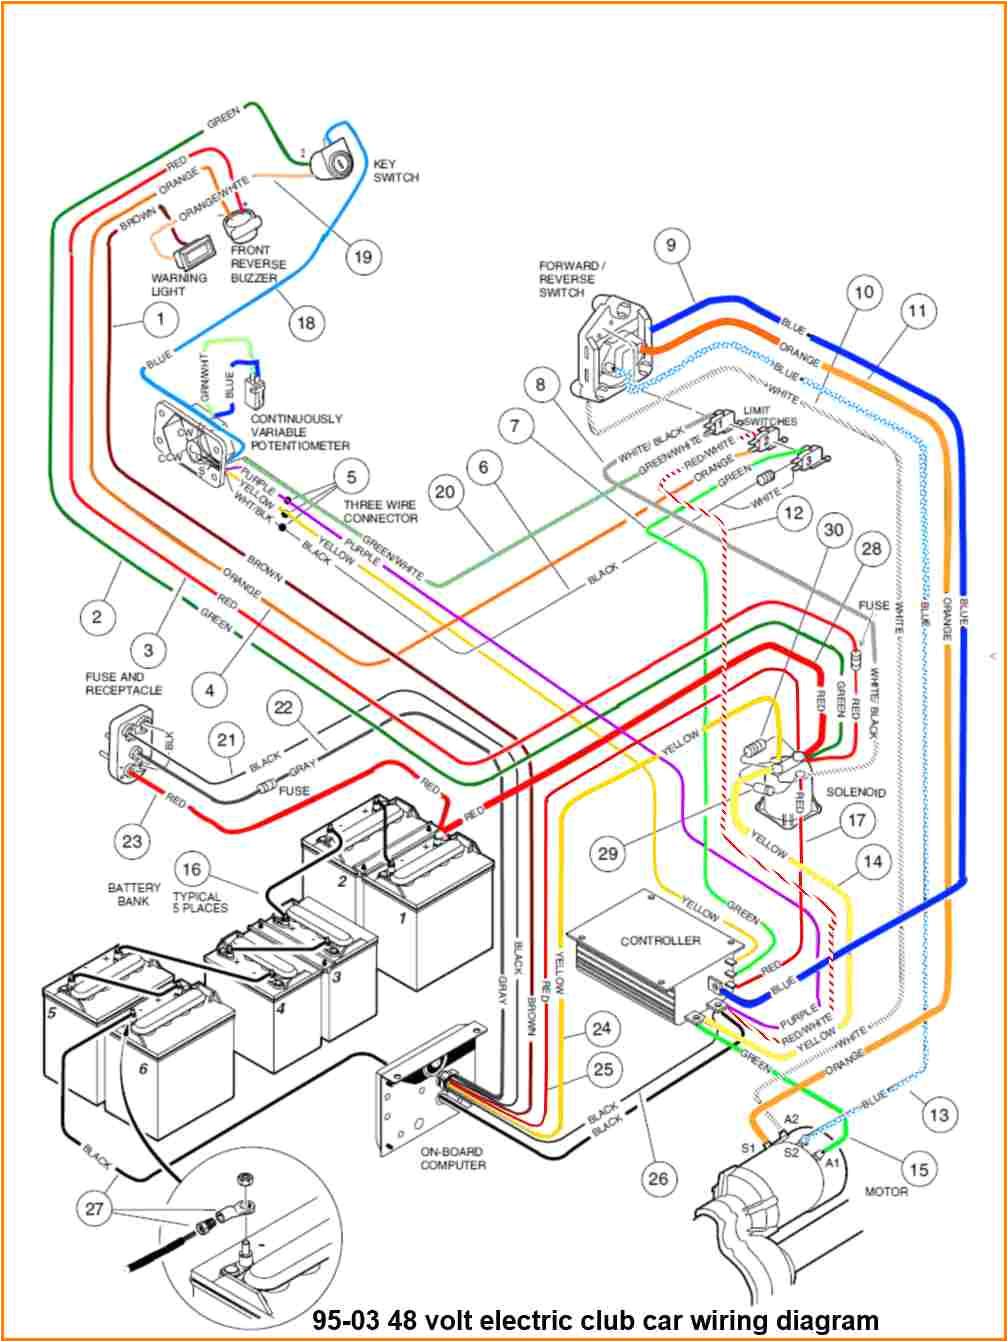 48 volt club car wiring schematic data diagram schematic 1997 club car ds battery wiring diagram for 48 volts